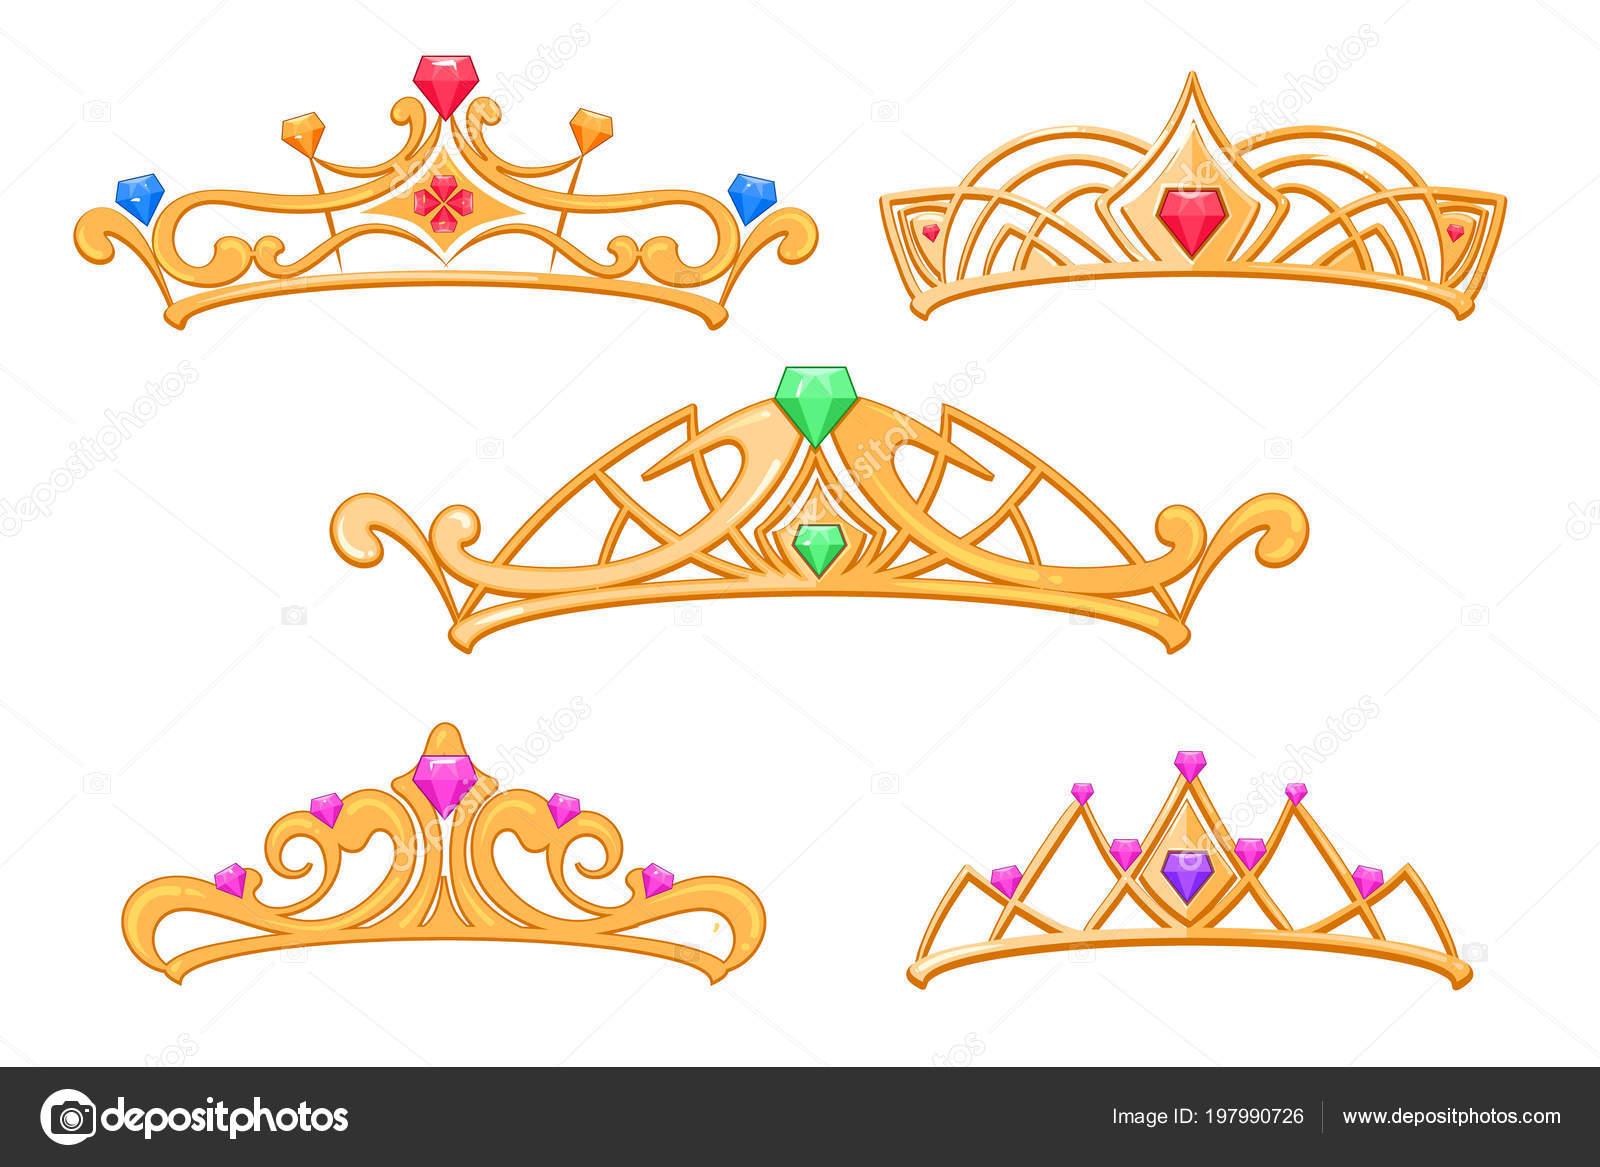 Dibujos Tiaras Coronas Princesa Vector Conjunto De Tiaras Con